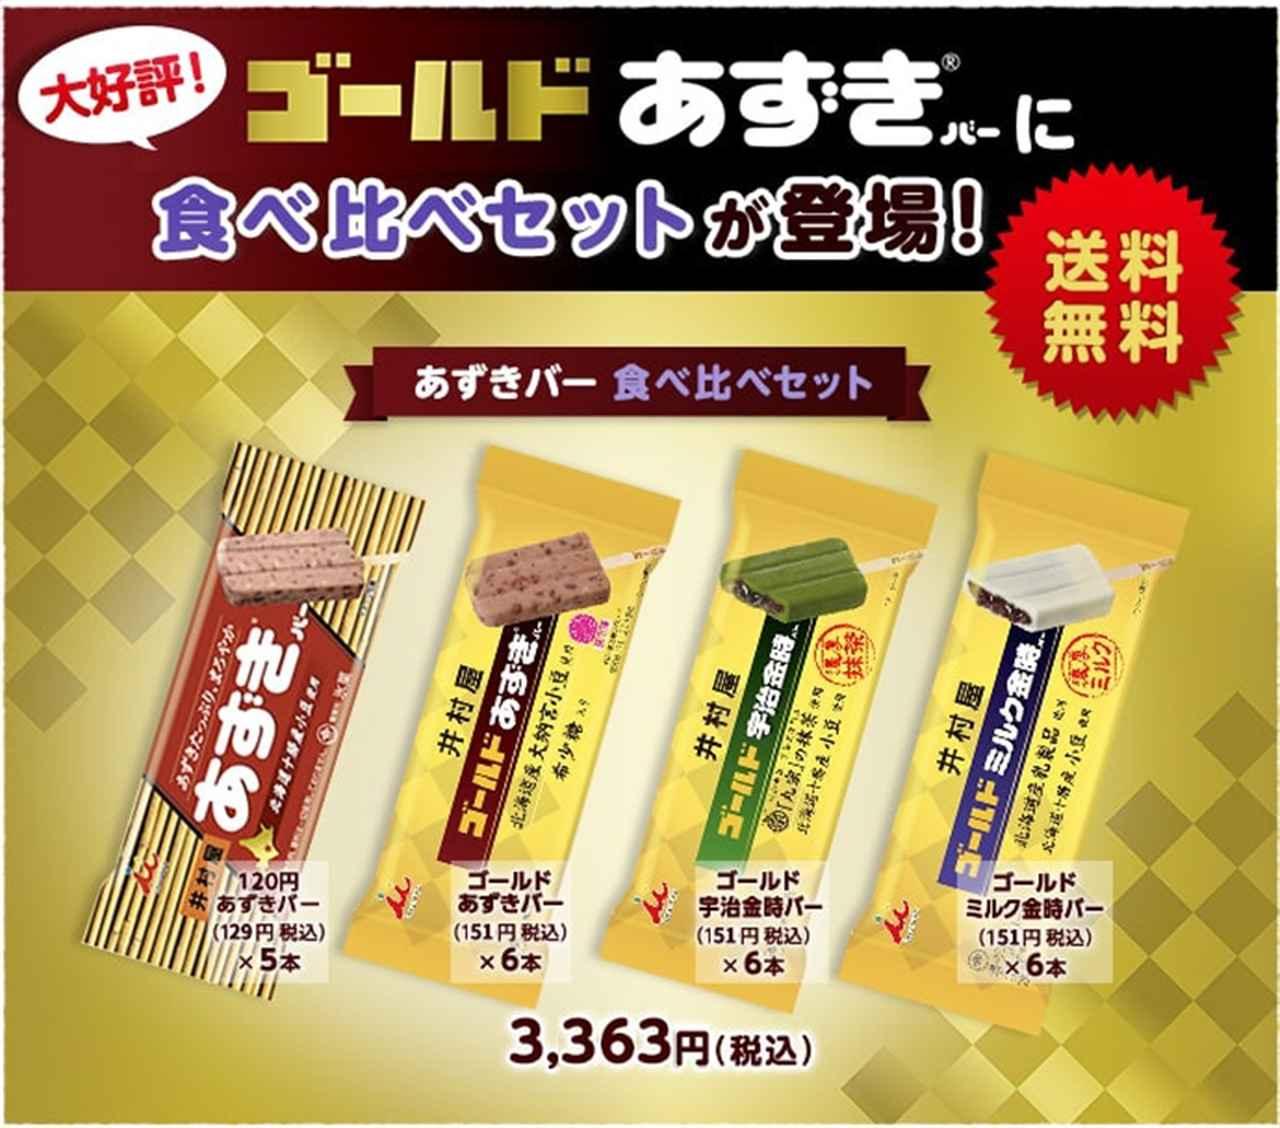 画像: 井村屋ウェブショップ|あずきバー 食べ比べセット: アイスクリーム|懐かしくても、新しい。心のこもった品質を